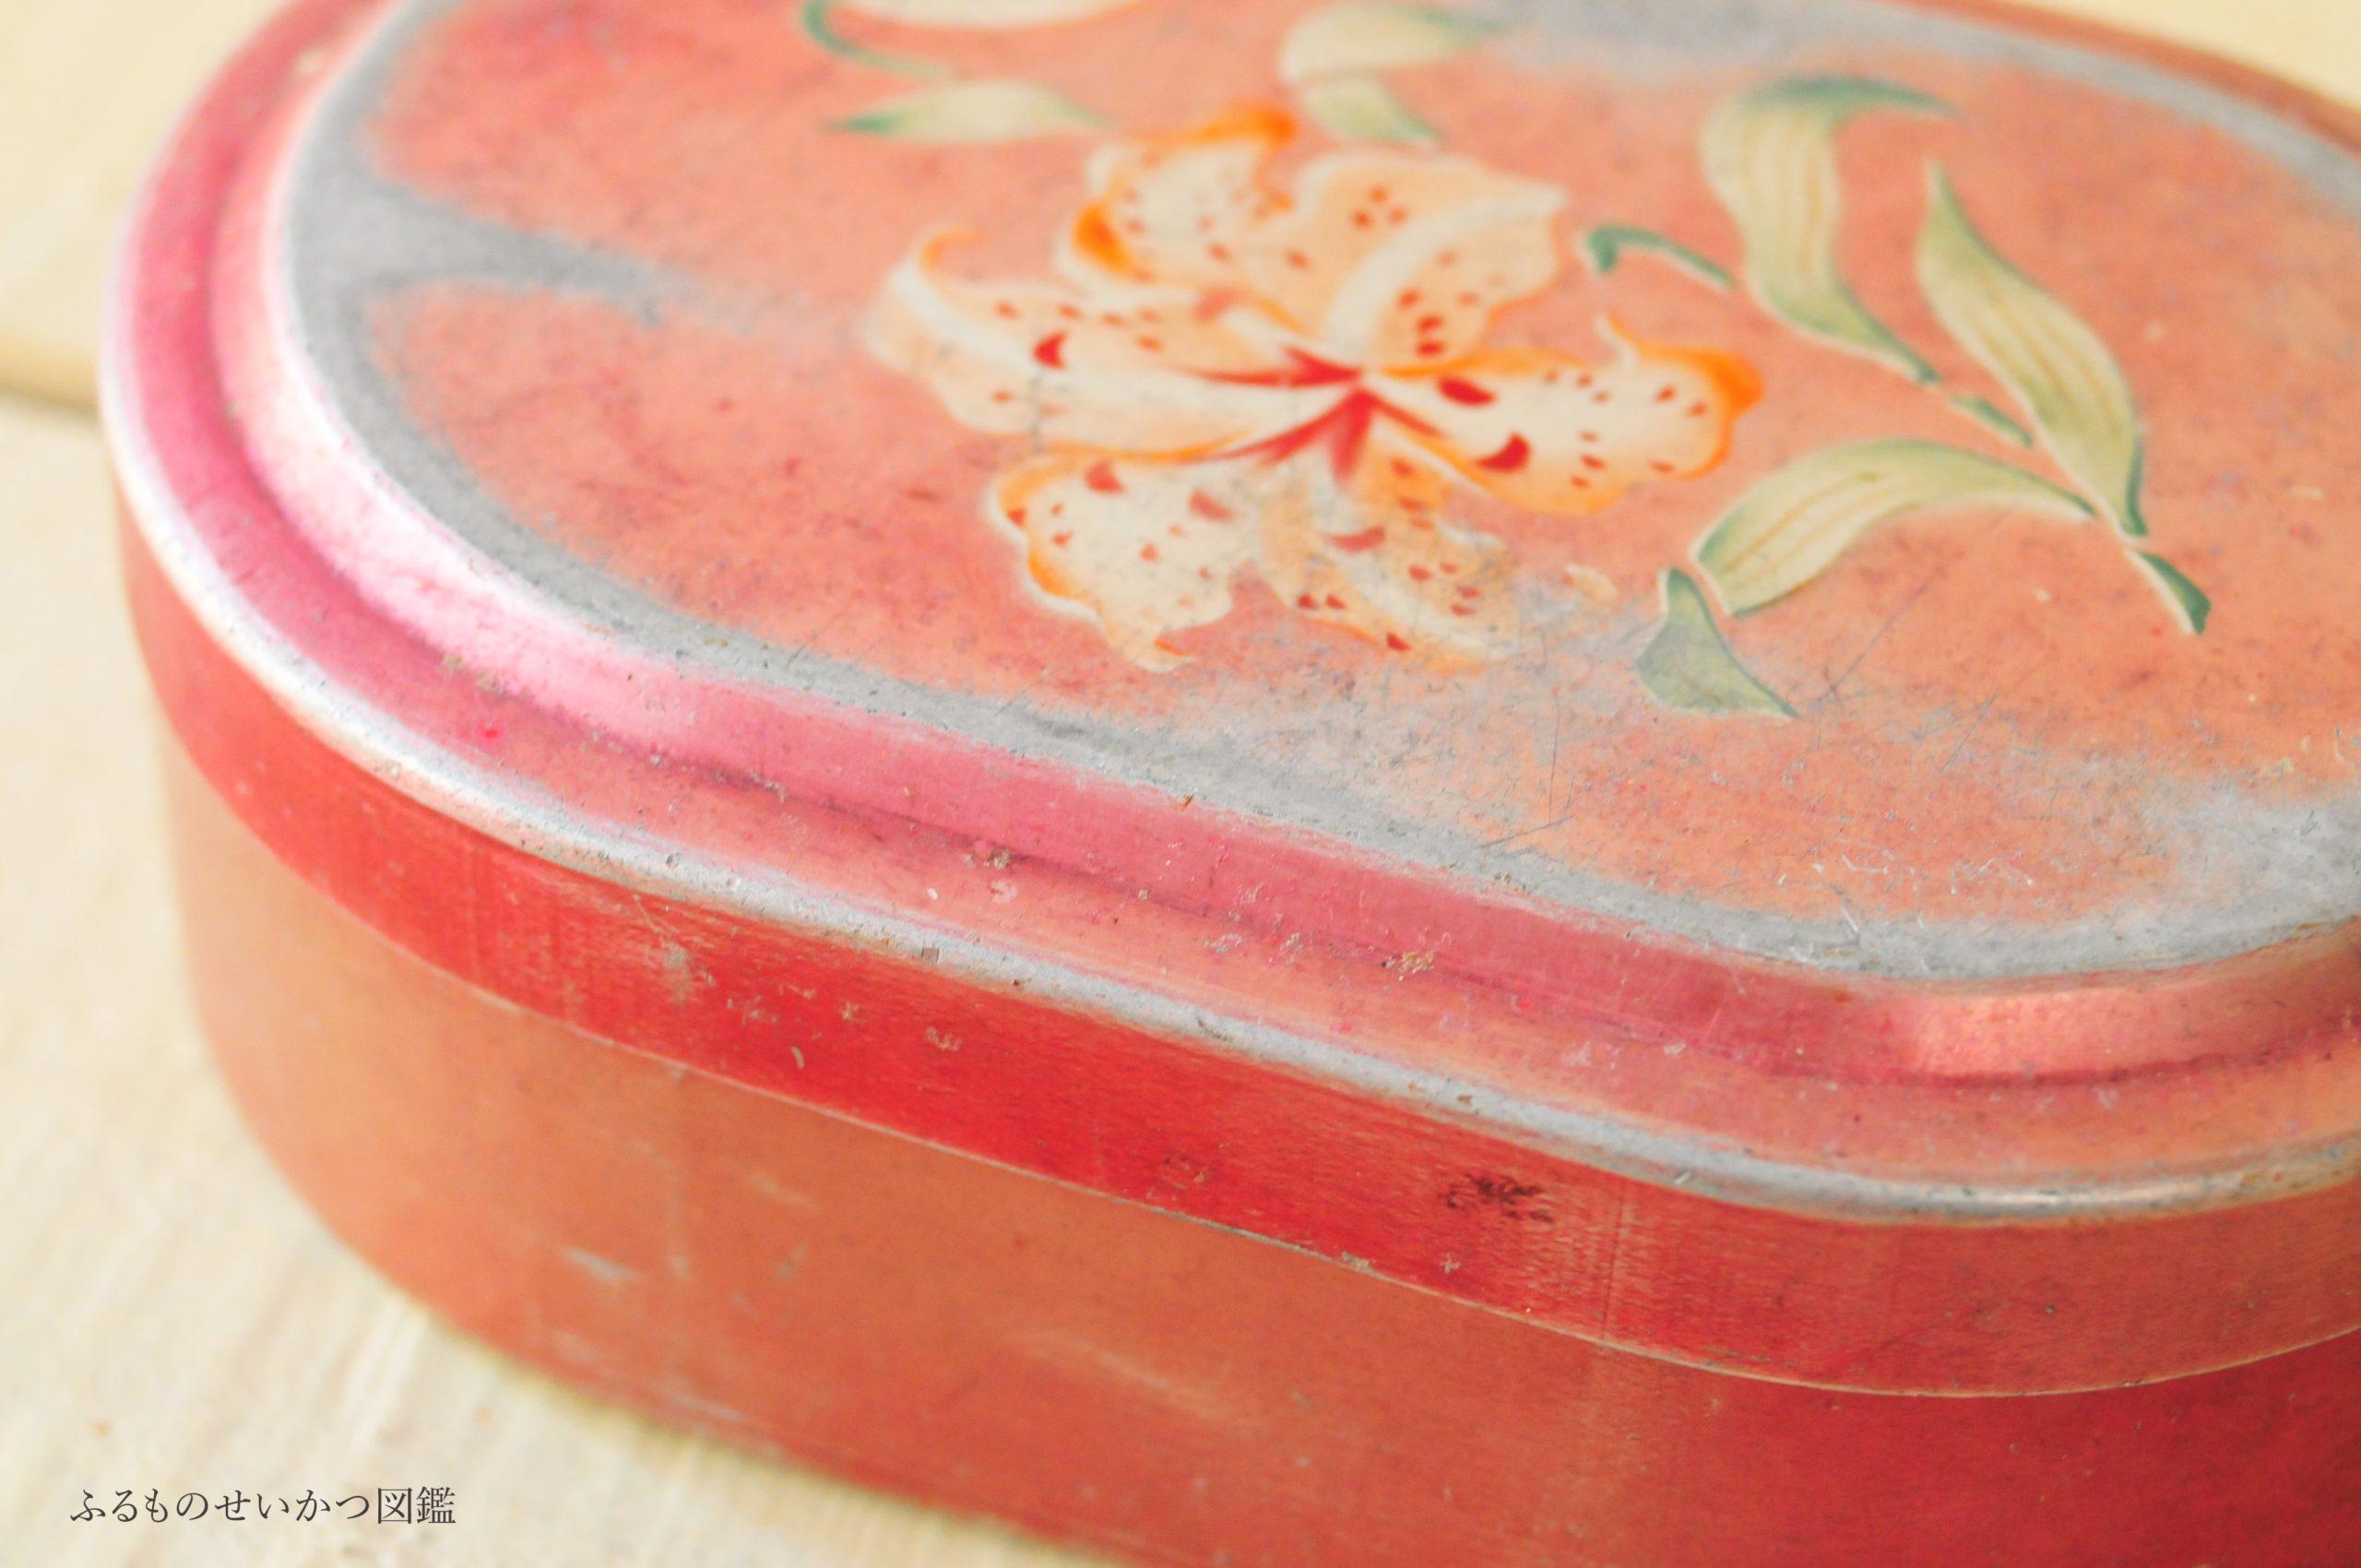 ボロさが可愛い古道具のお弁当箱カン2